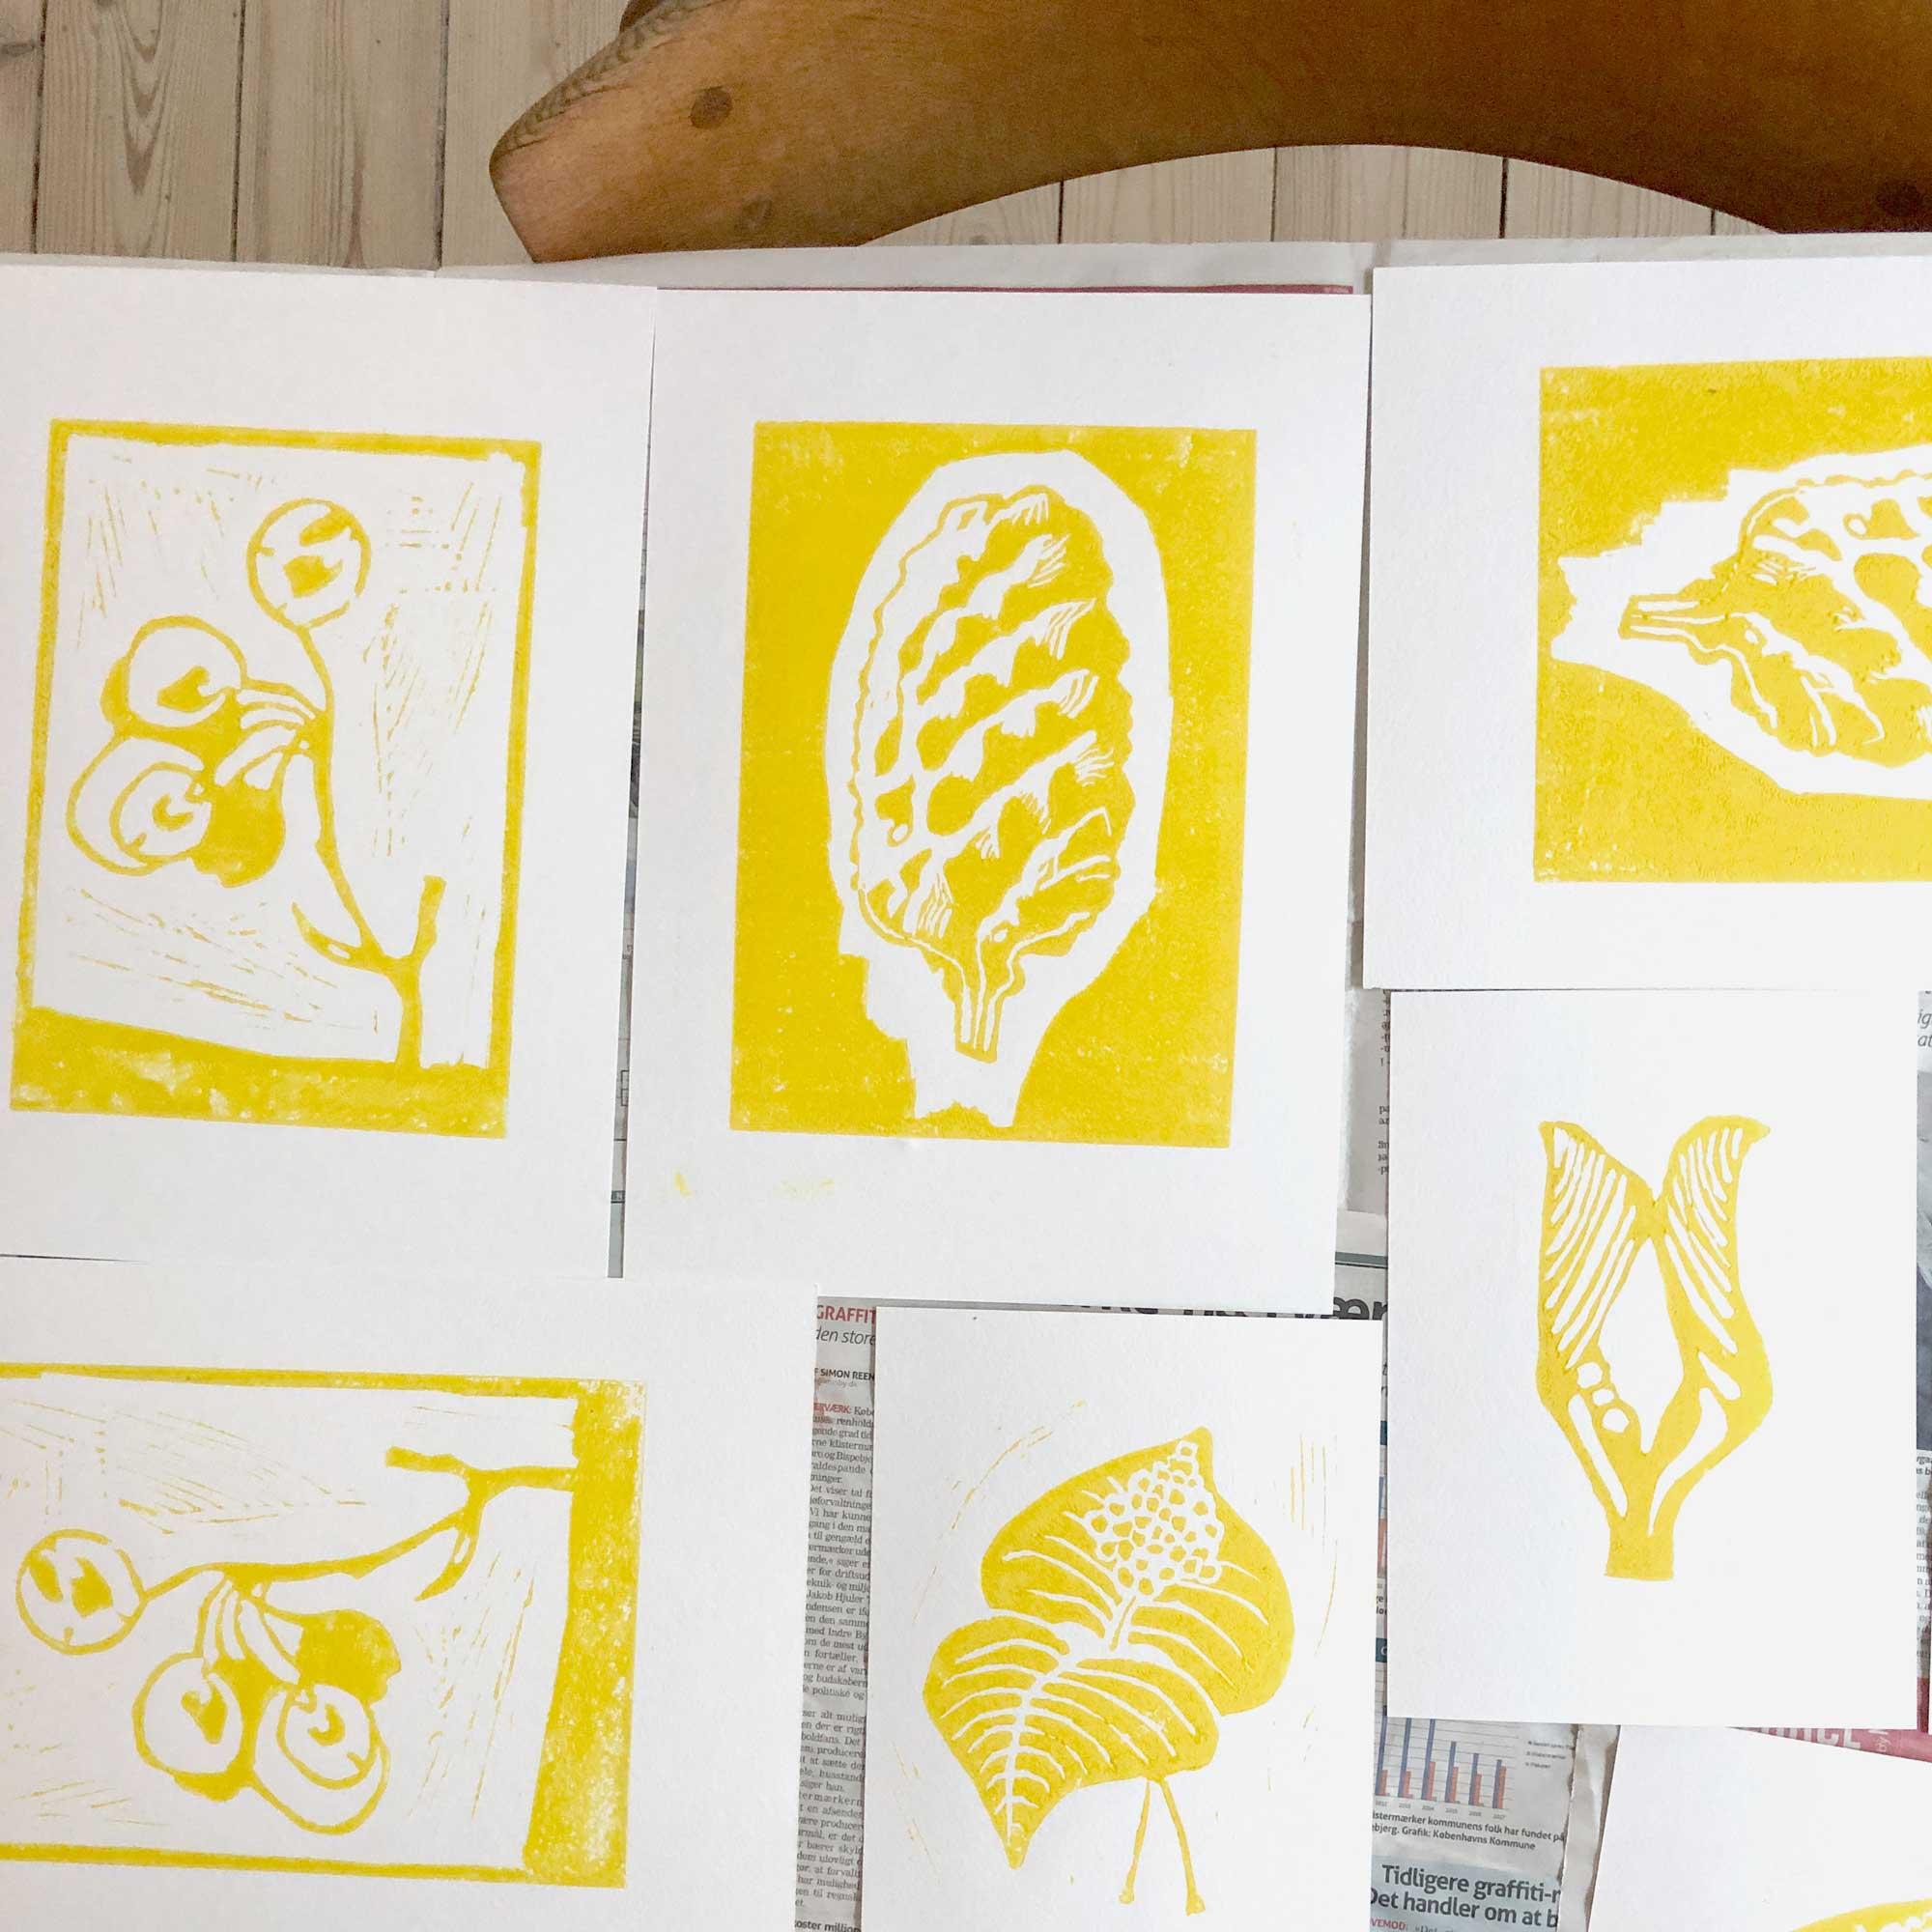 New linocuts ss20, by Anne Rosenberg, RosenbergCph